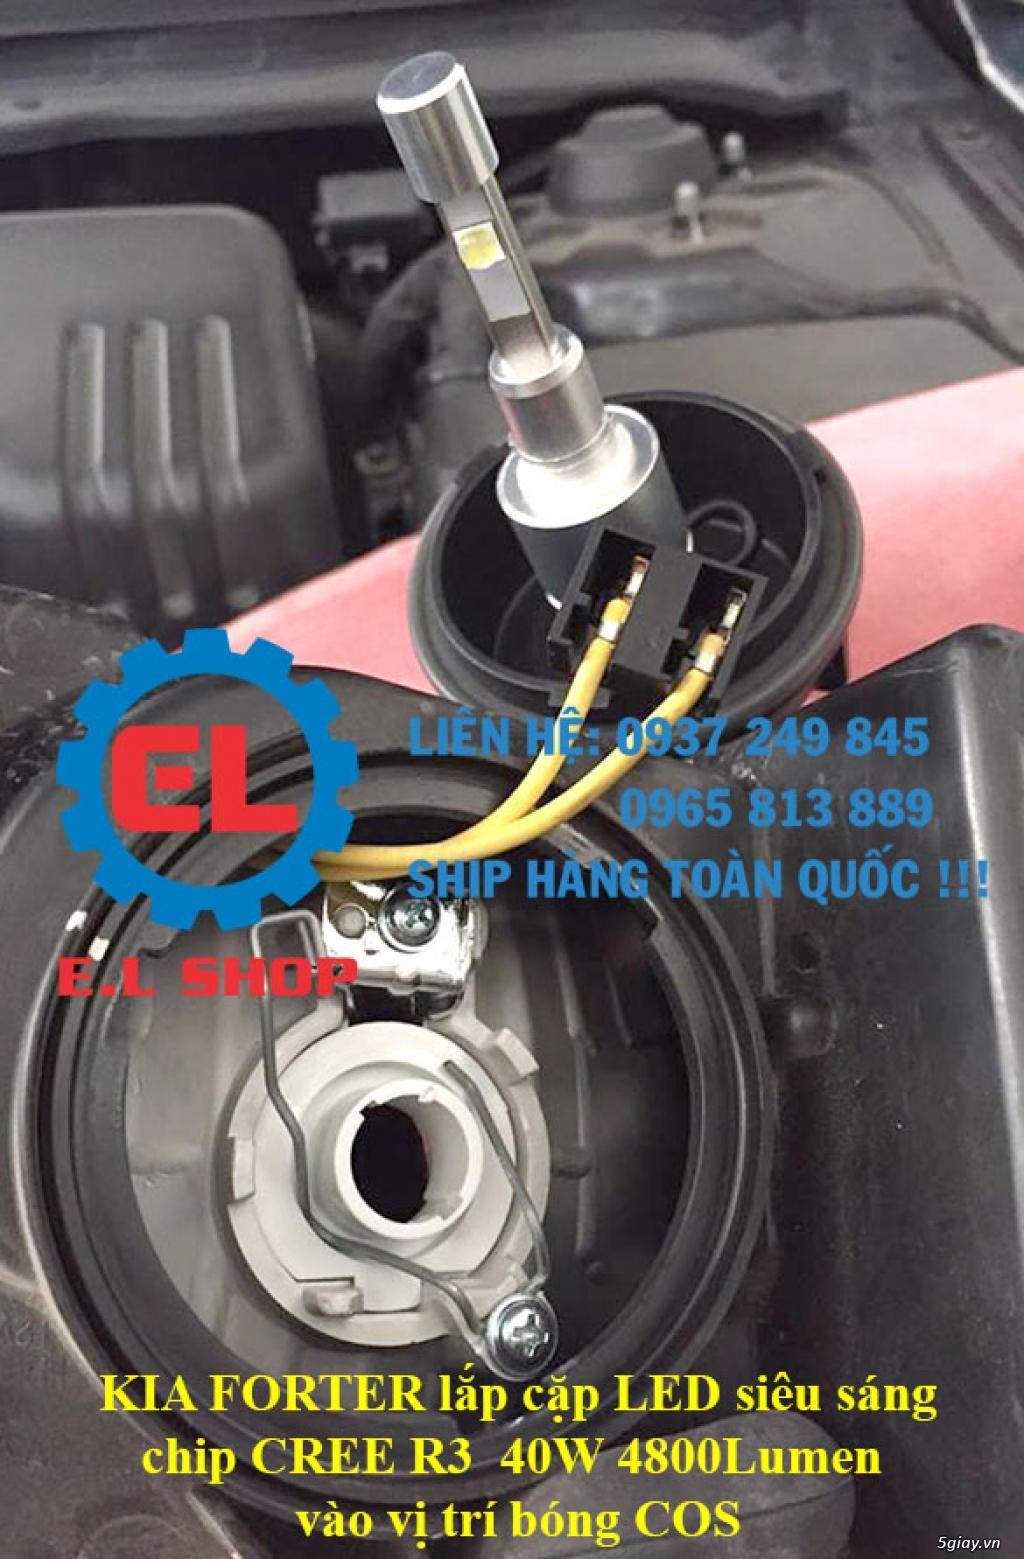 E.L SHOP - Đèn Led siêu sáng xe ô tô: XHP70, XHP50, Philips Lumiled, gương cầu xenon... - 32